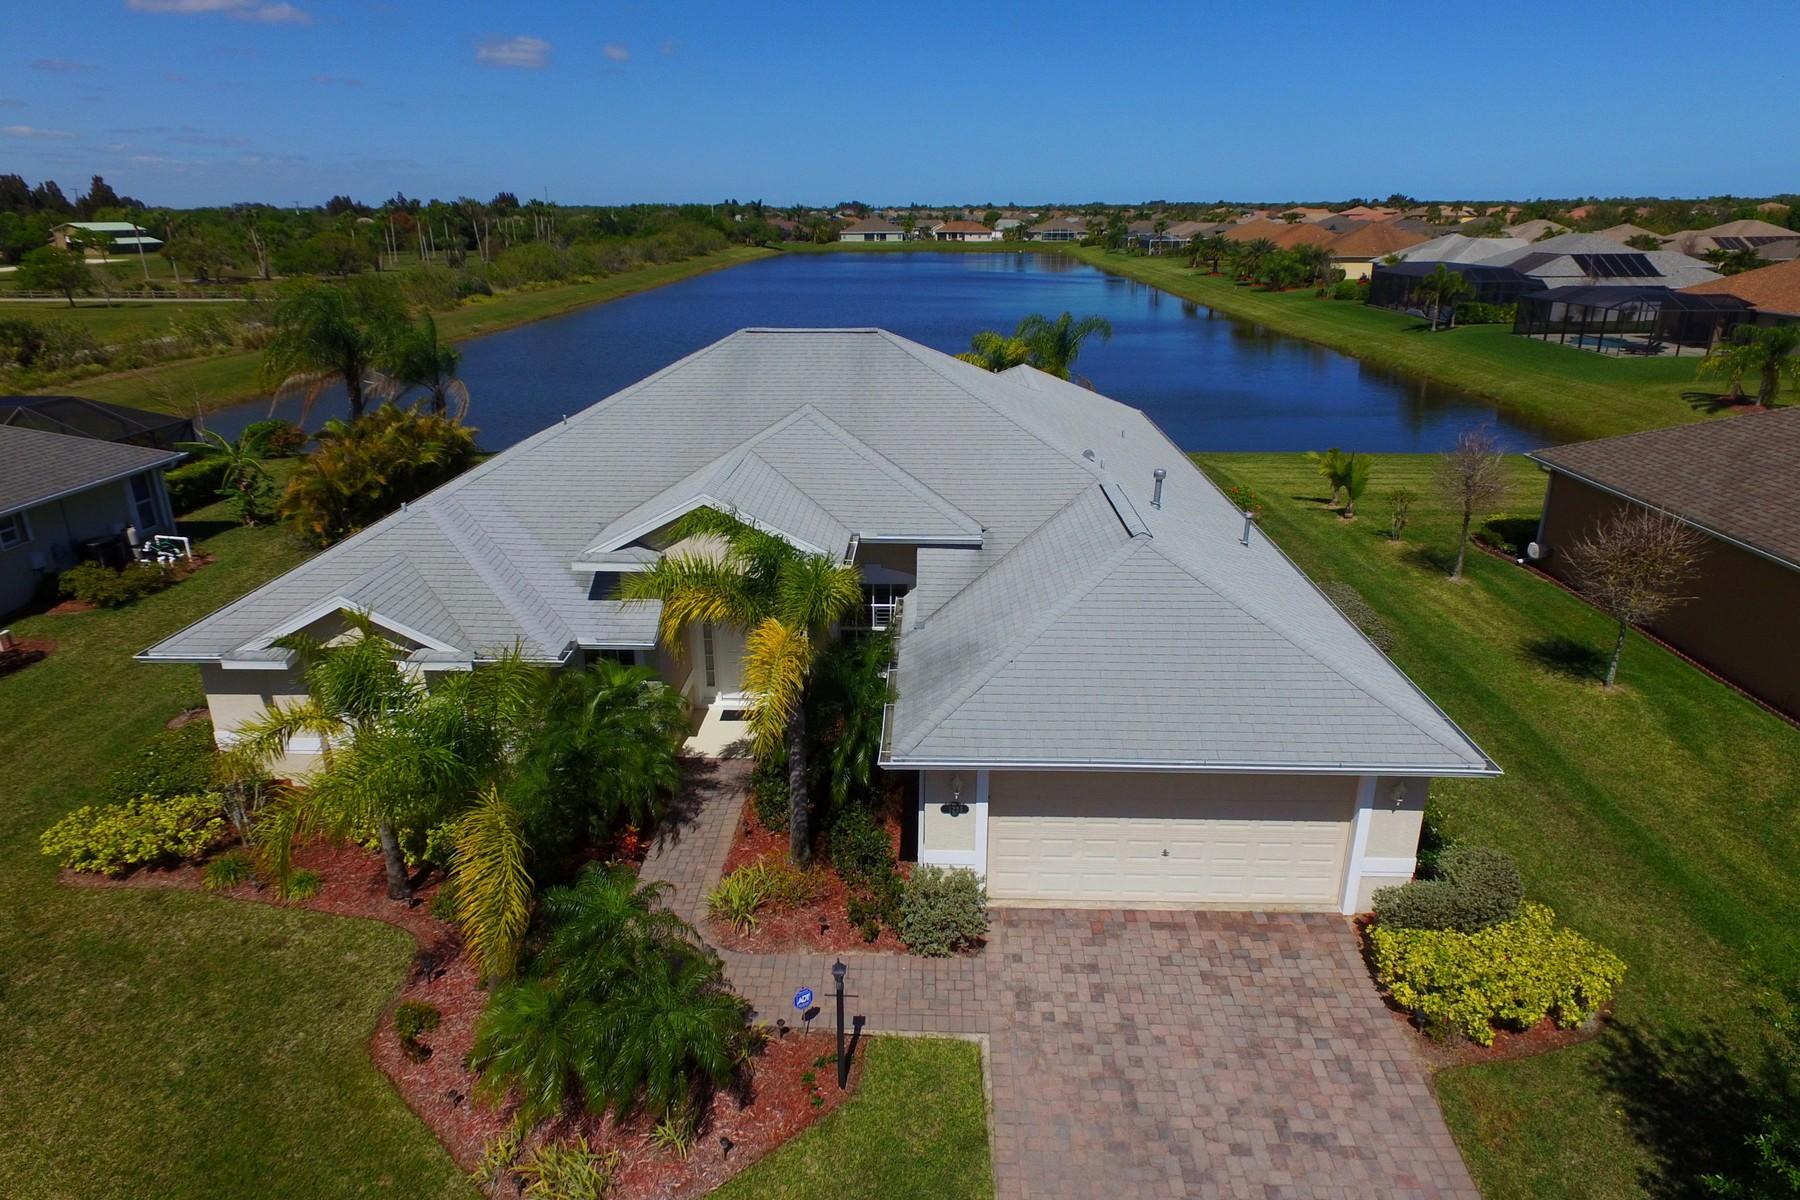 Частный односемейный дом для того Продажа на When You Just Want Extra - 4 Bedroom Plus Office! 1225 South Lakes Way SW, Vero Beach, Флорида, 32968 Соединенные Штаты